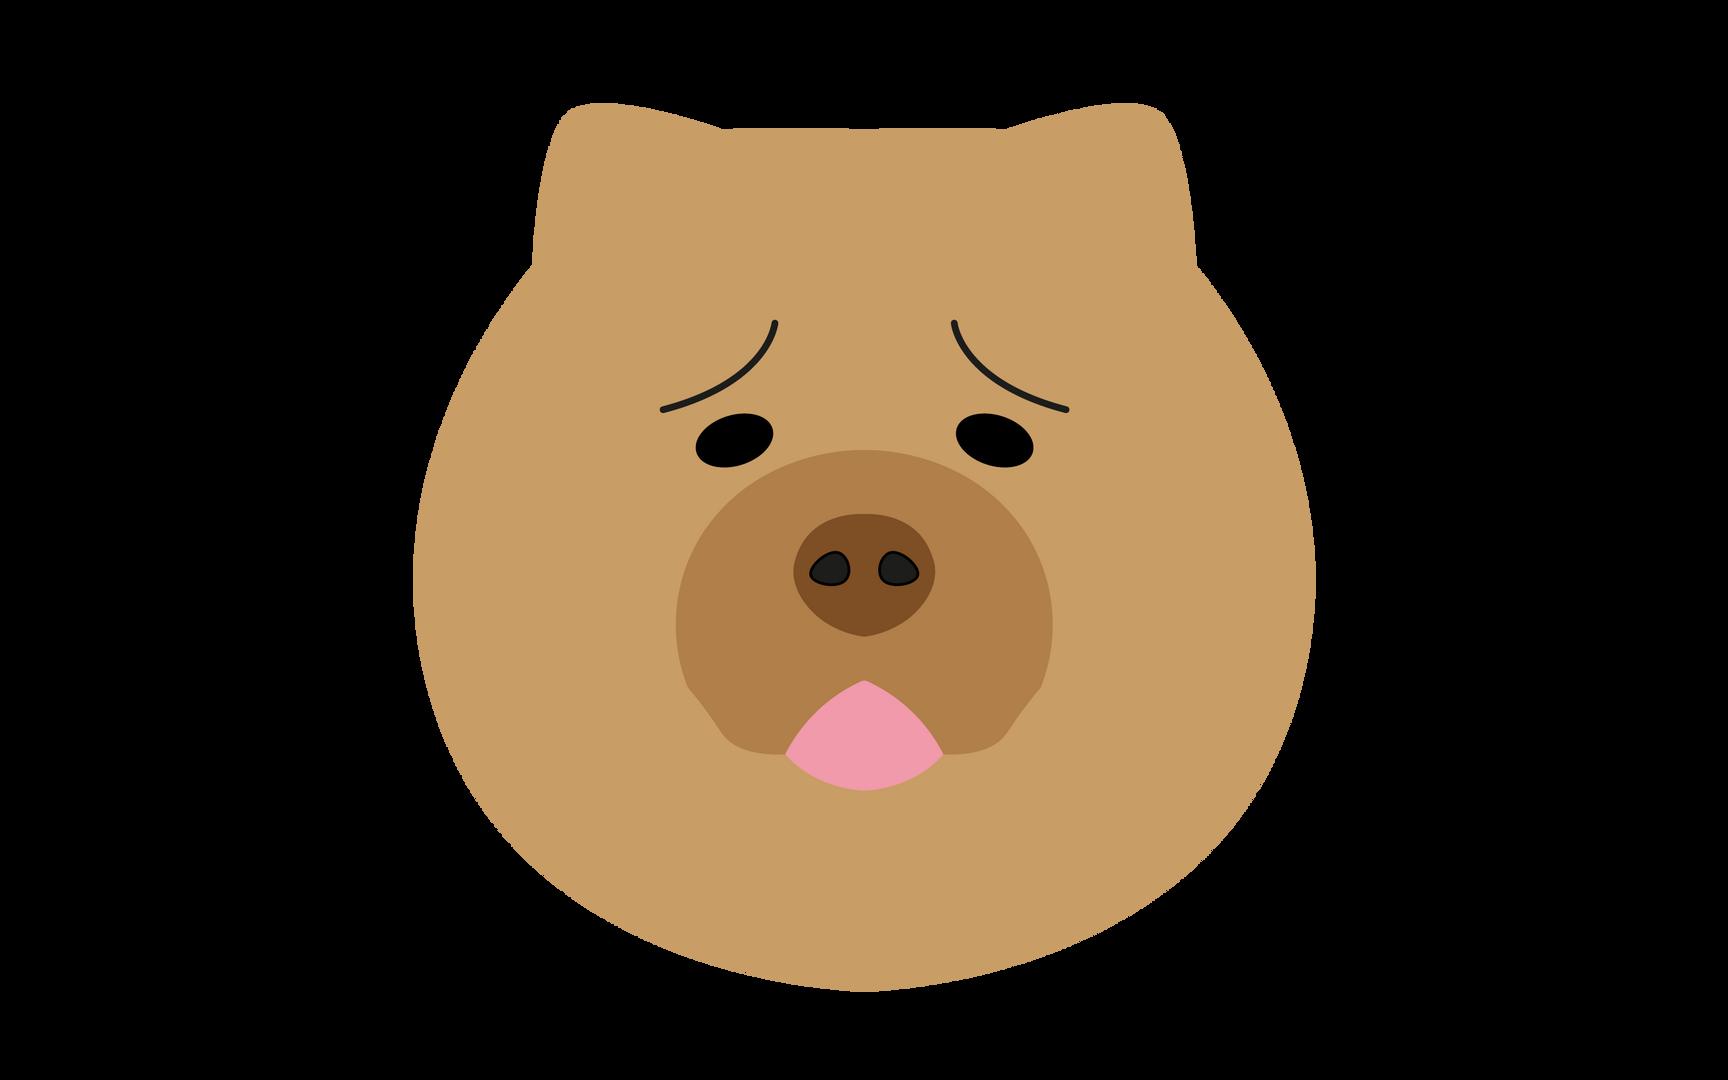 Sad_Chow